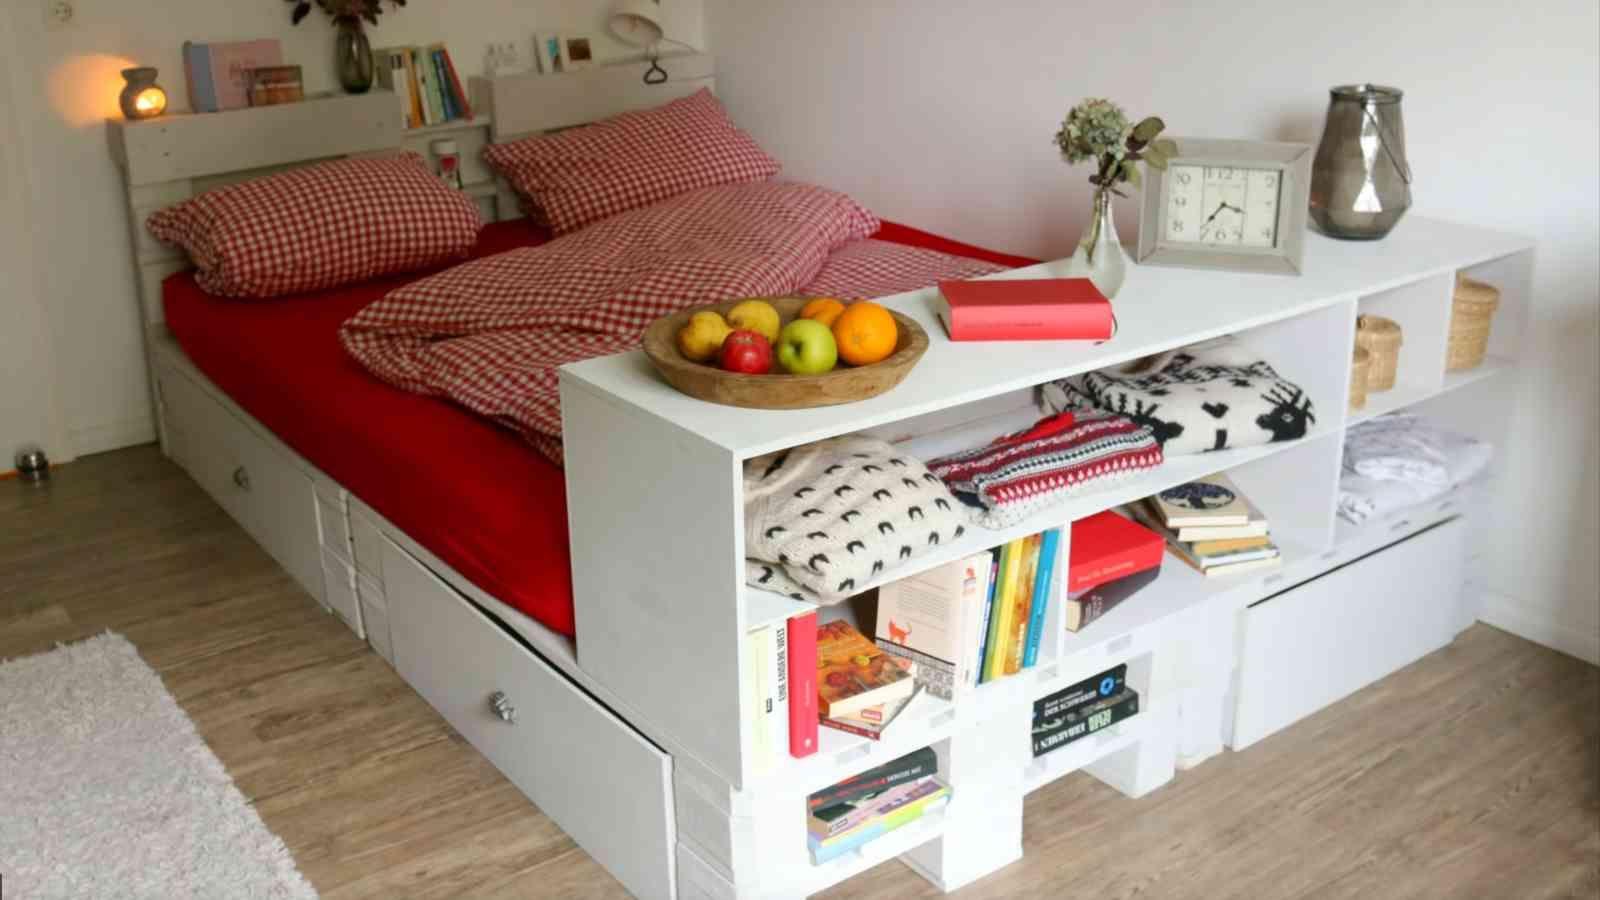 Kleines Schlafzimmer Die Besten Tipps Fur Mehr Stauraum Grosse In 2020 Bett Aus Paletten Palettenbett Europaletten Bett